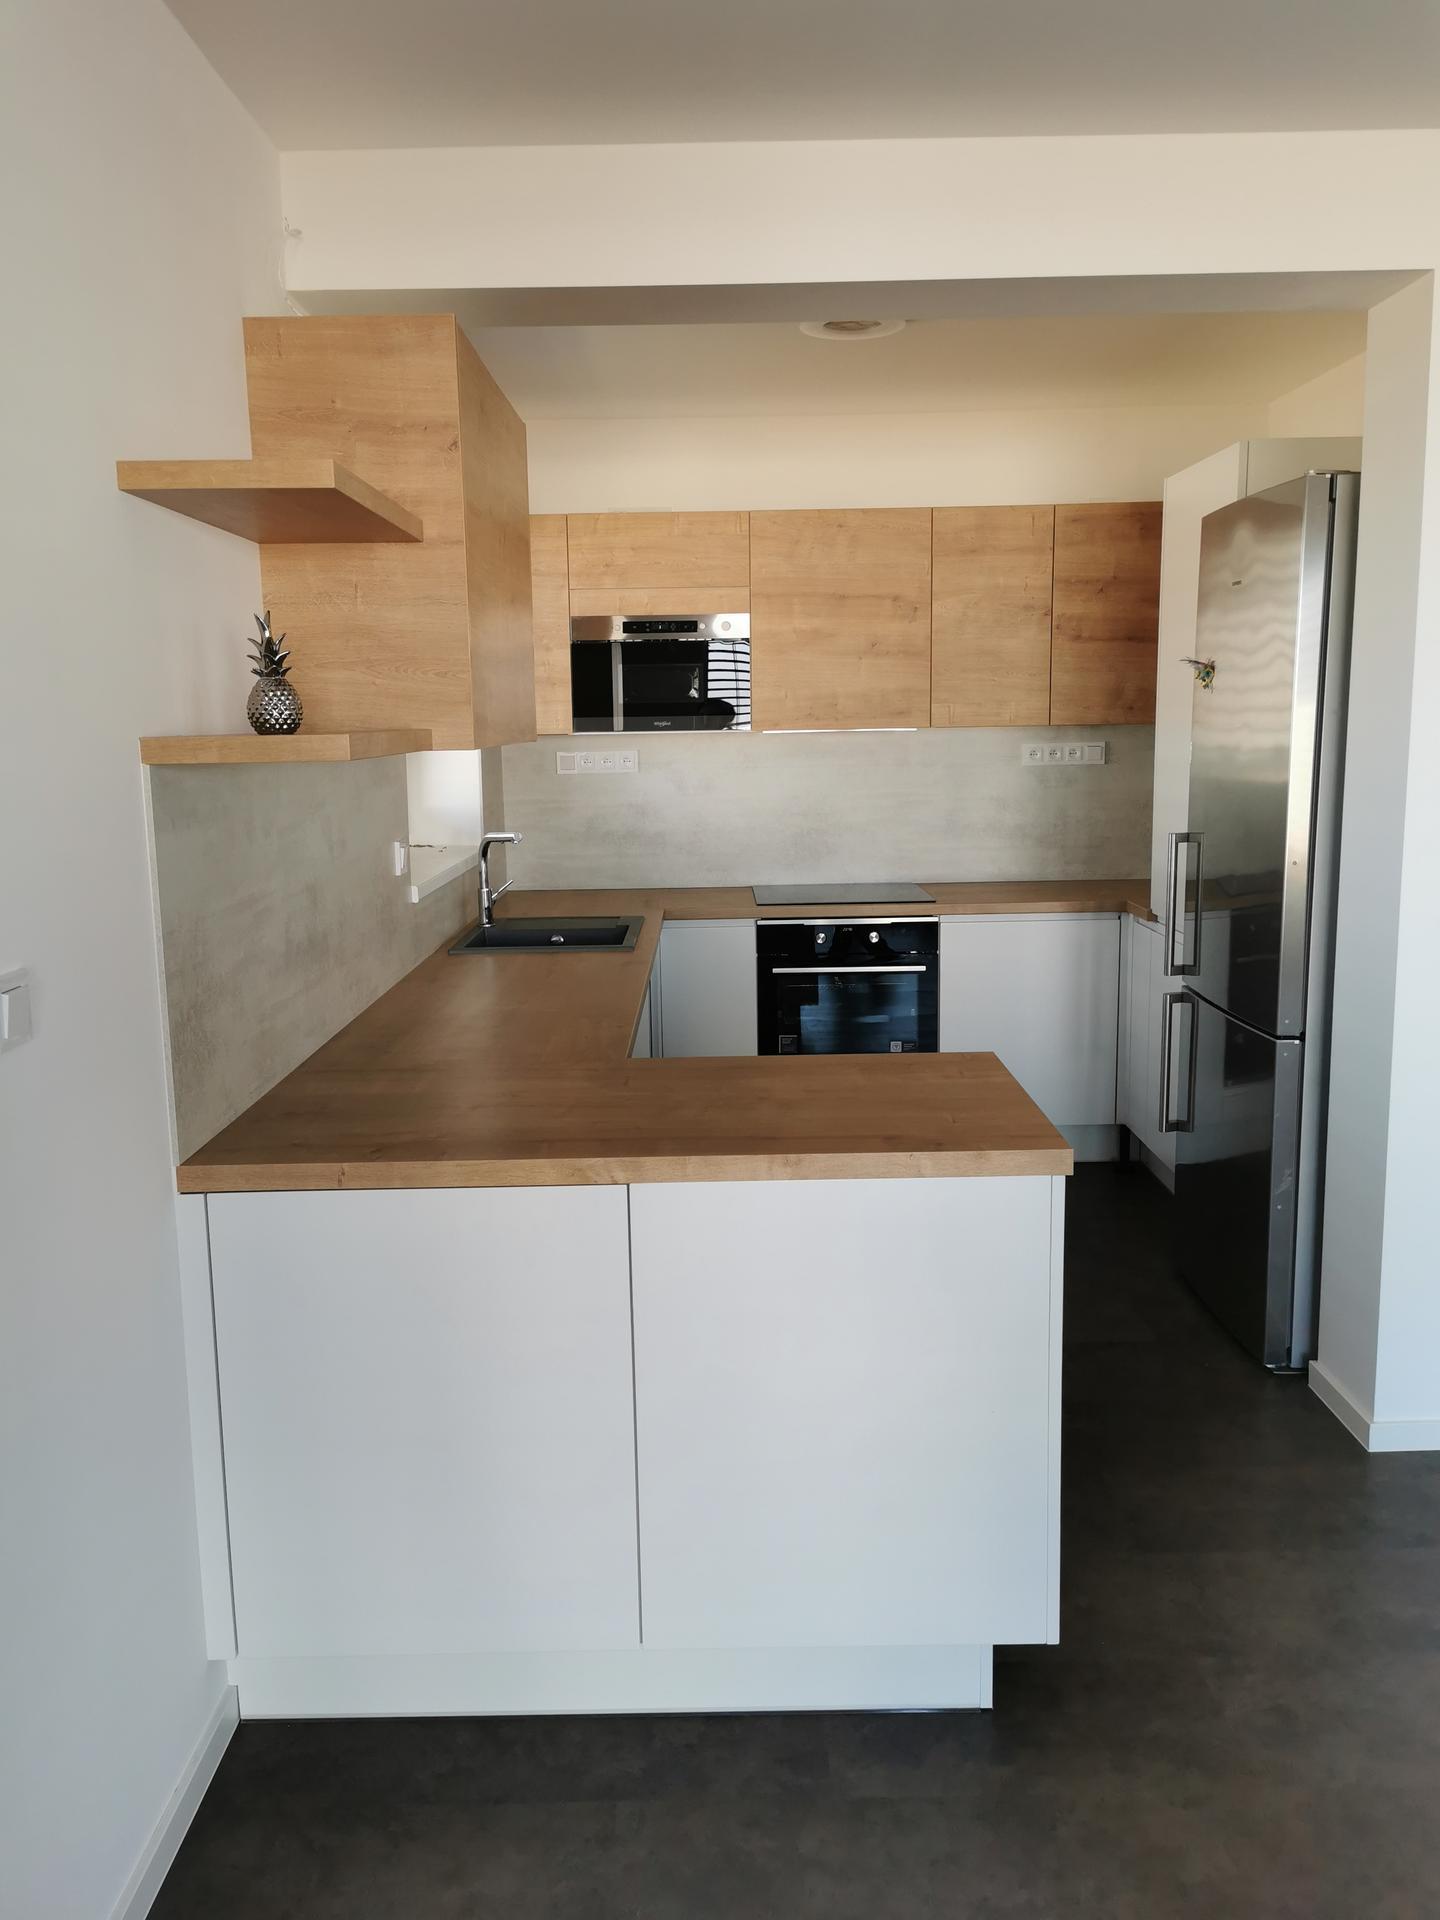 Kuchyně do domečku - Obrázek č. 7